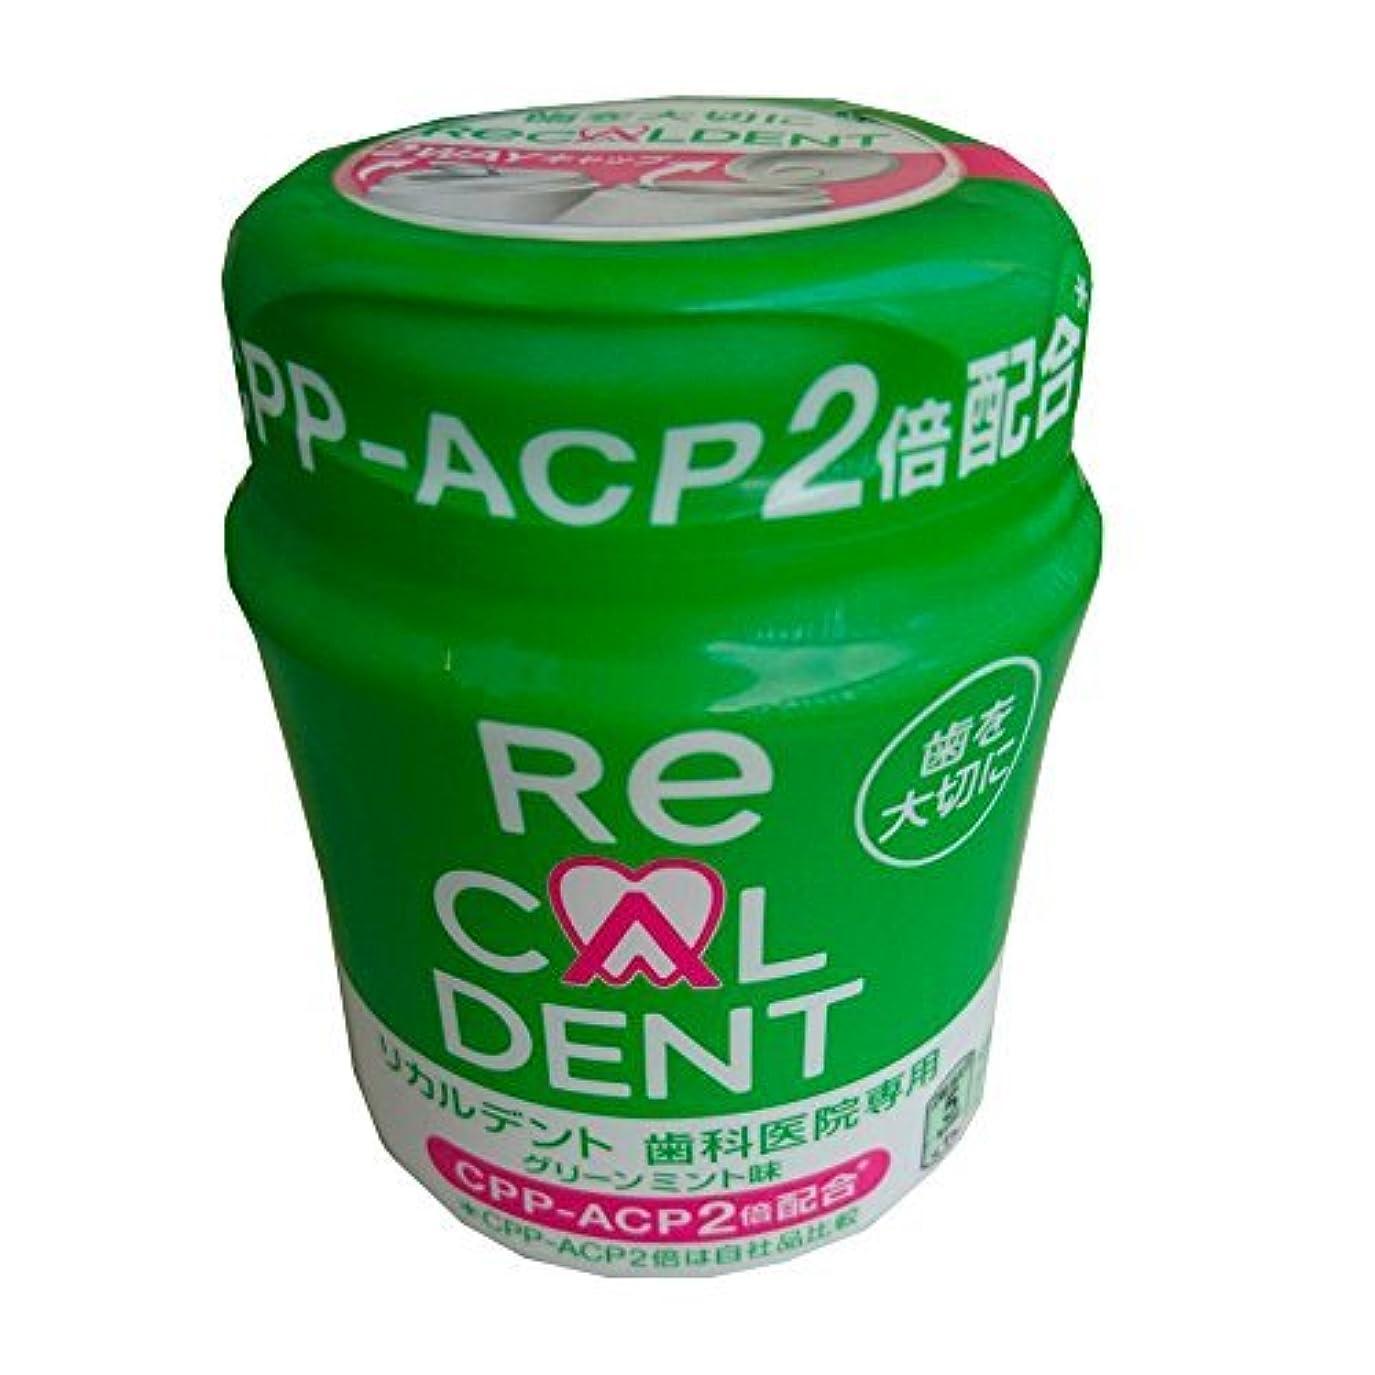 土地メンタルスロープ歯科医院専用 リカルデントガム グリーンミント味 140gボトル 1個